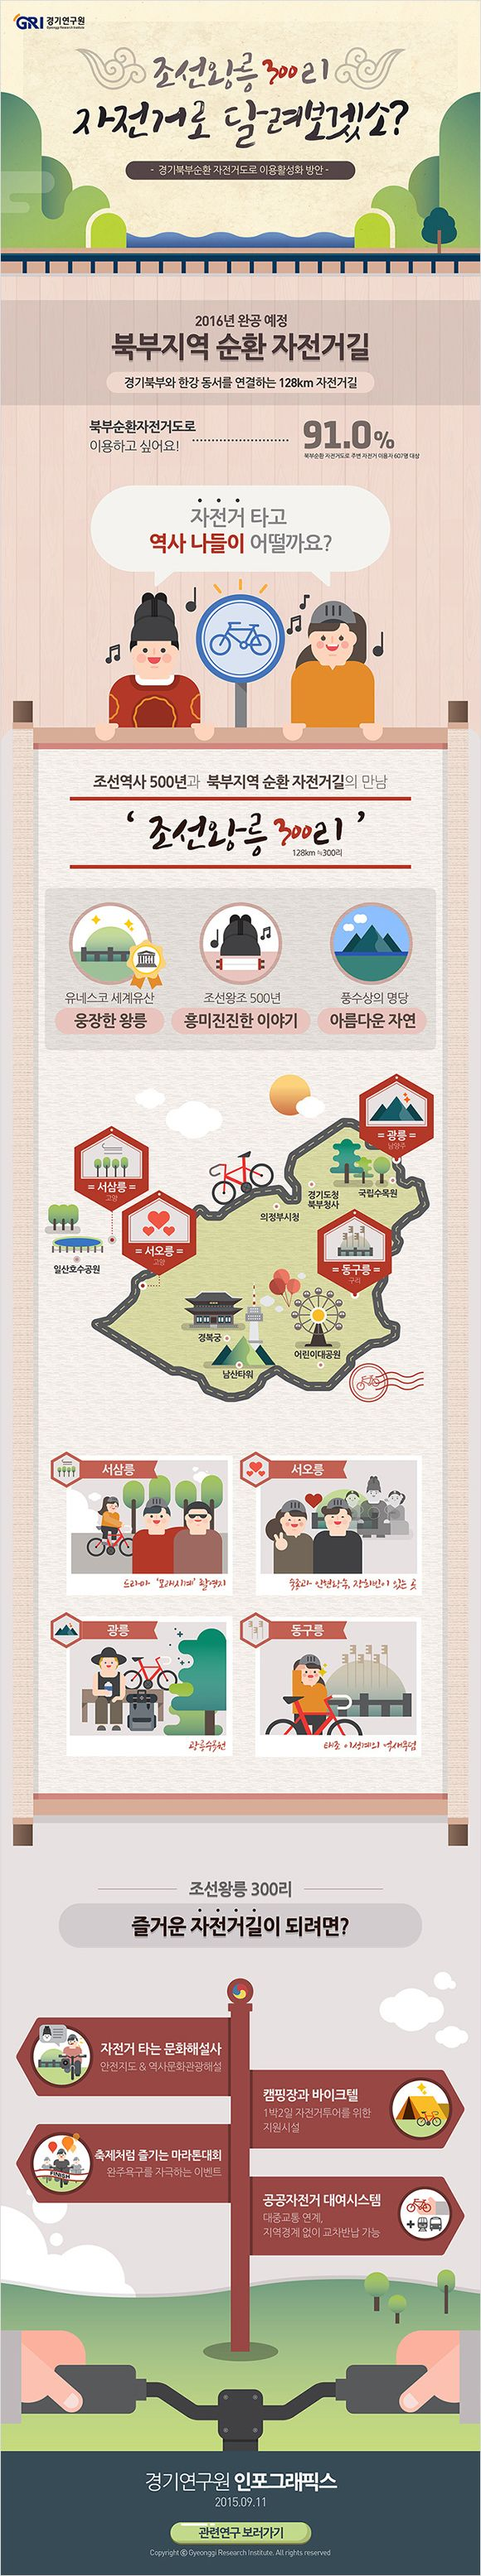 경기북부순환 자전거도로 이용 활성화 방안에 관한 인포그래픽